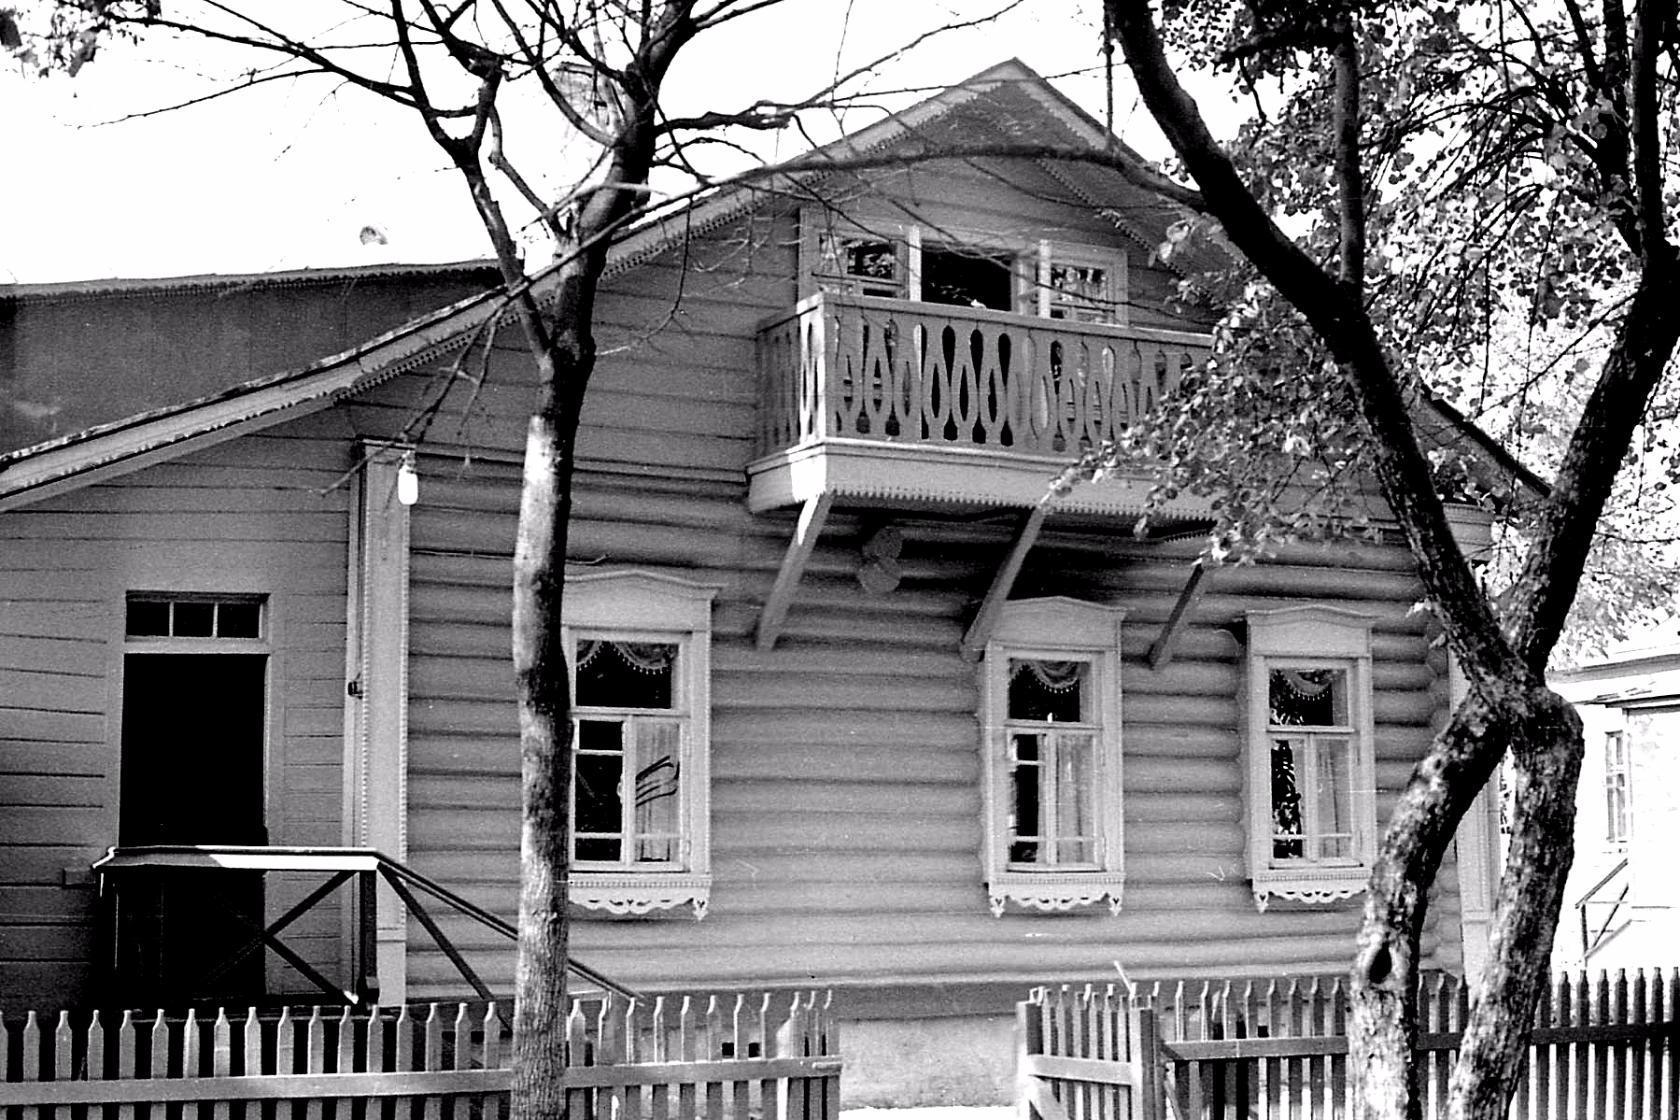 Подольск. Дом-музей В.И. Ленина. Сентябрь 1975 года.